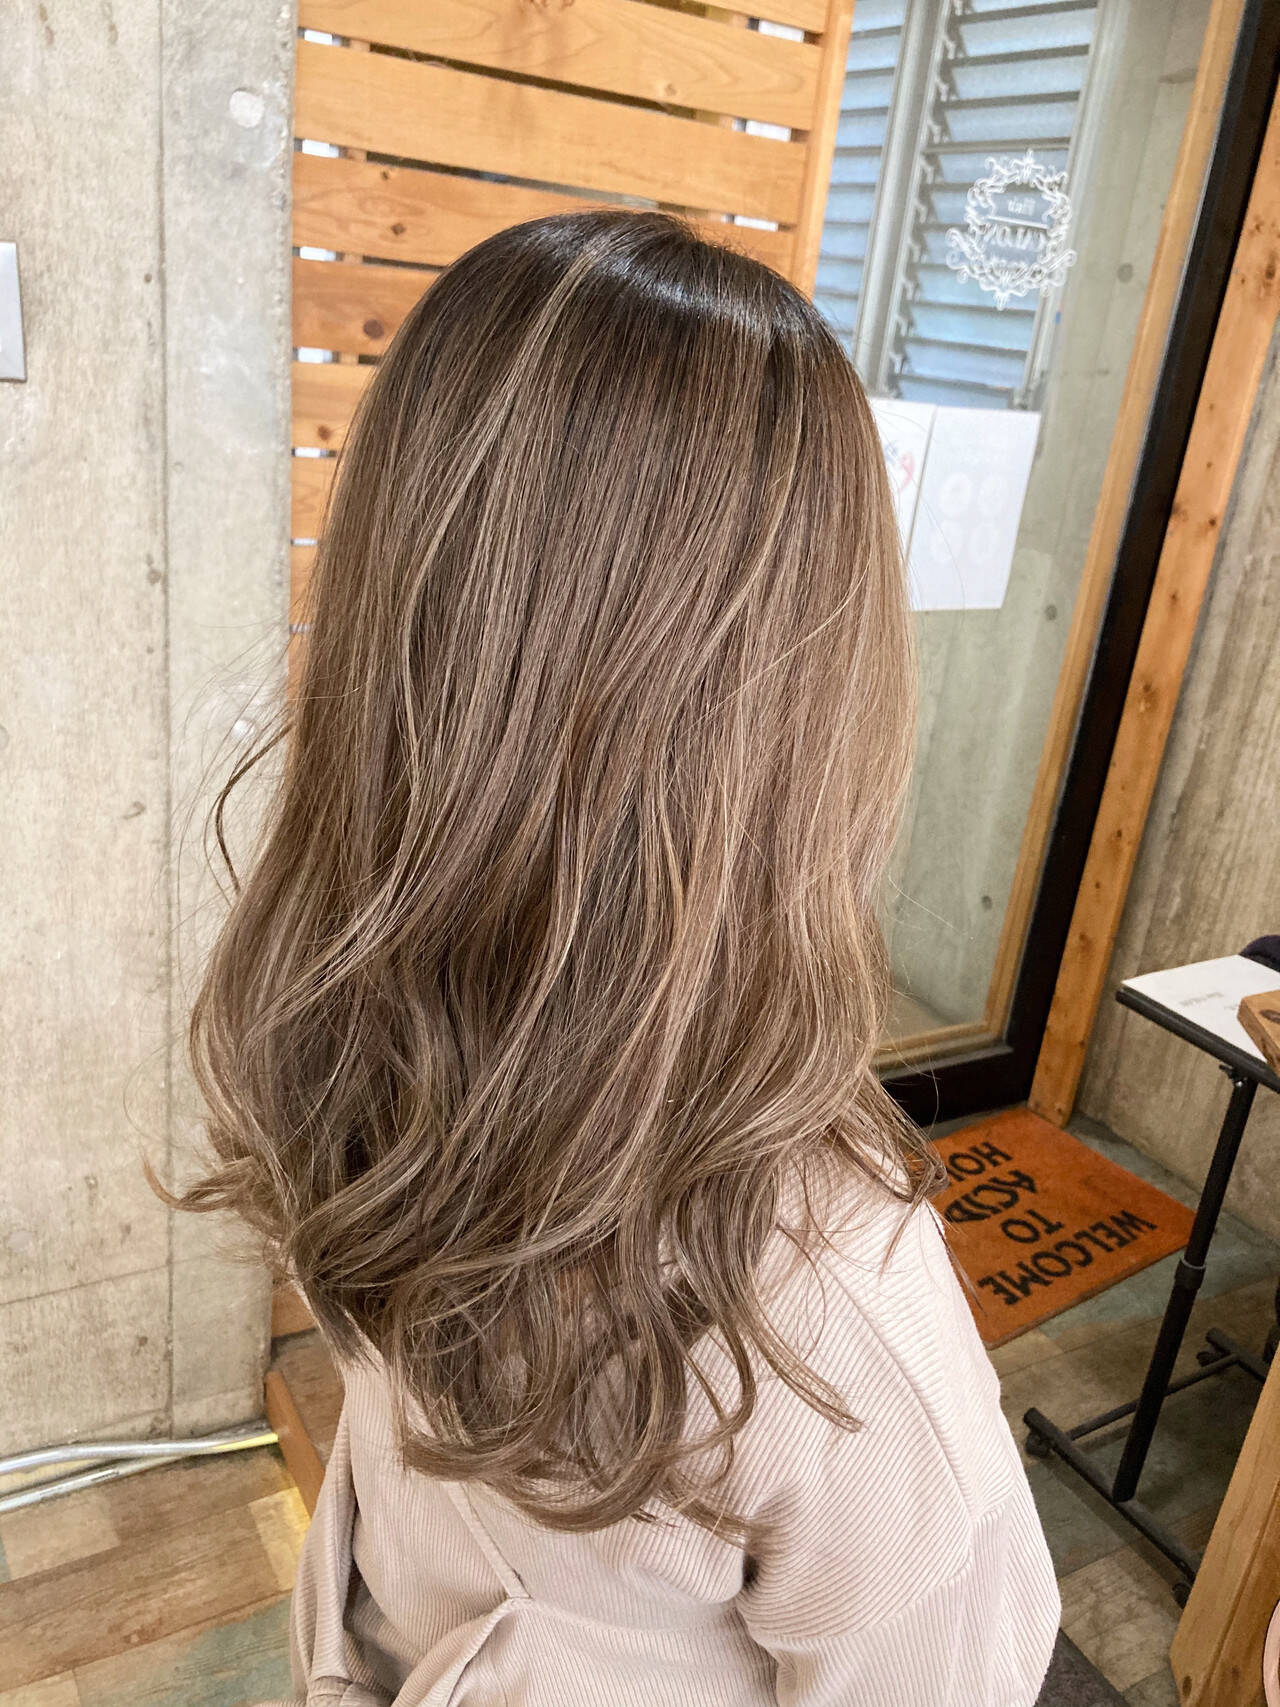 ミルクティーベージュ ベージュ シアーベージュ セミロングヘアスタイルや髪型の写真・画像